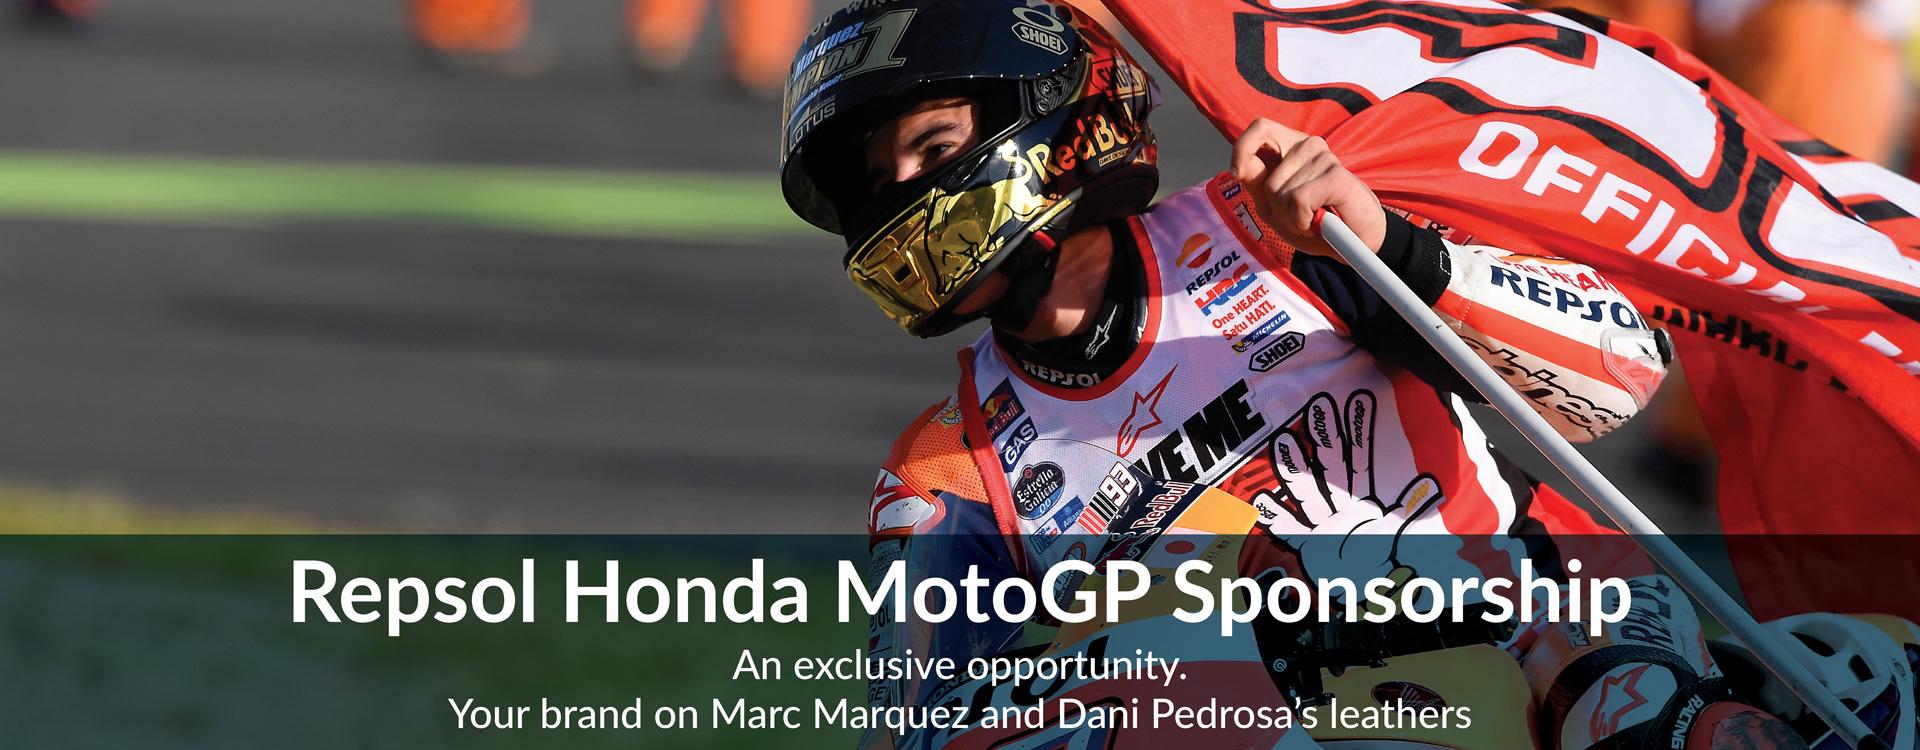 Repsol Sponsoring? We are proud Repsol Honda MotoGP Sponsorship